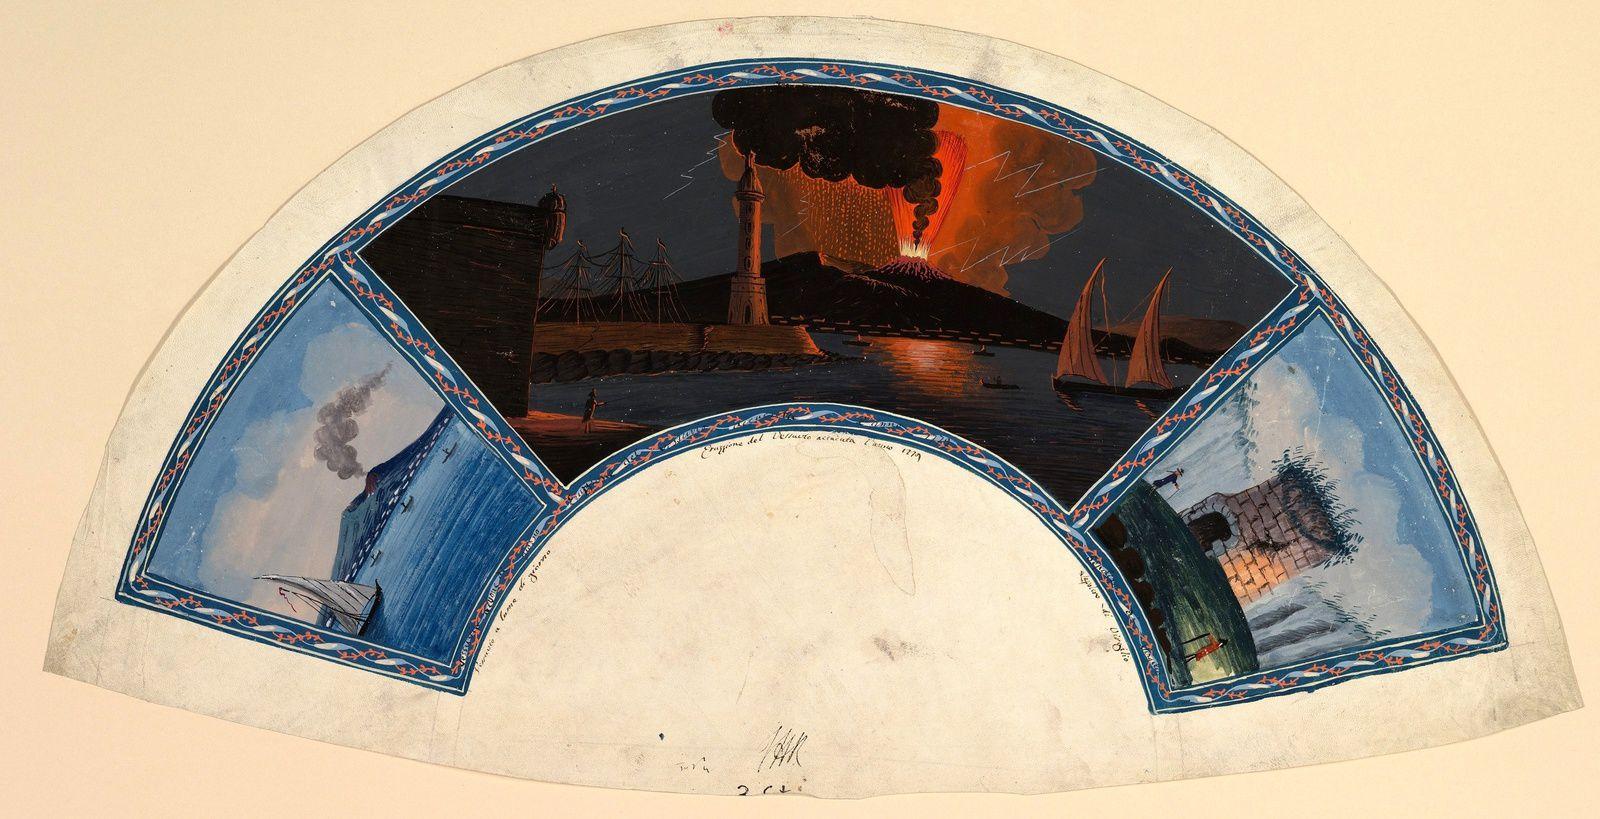 Aquarelle sur vélin illustrant un éventail, double vue sur Vésuve en éruption et la Tombe de Virgile - auteur anonyme  1779 - Harris Brisbane Dick Fund, 1938 / Metropolitan Museum of Art NY